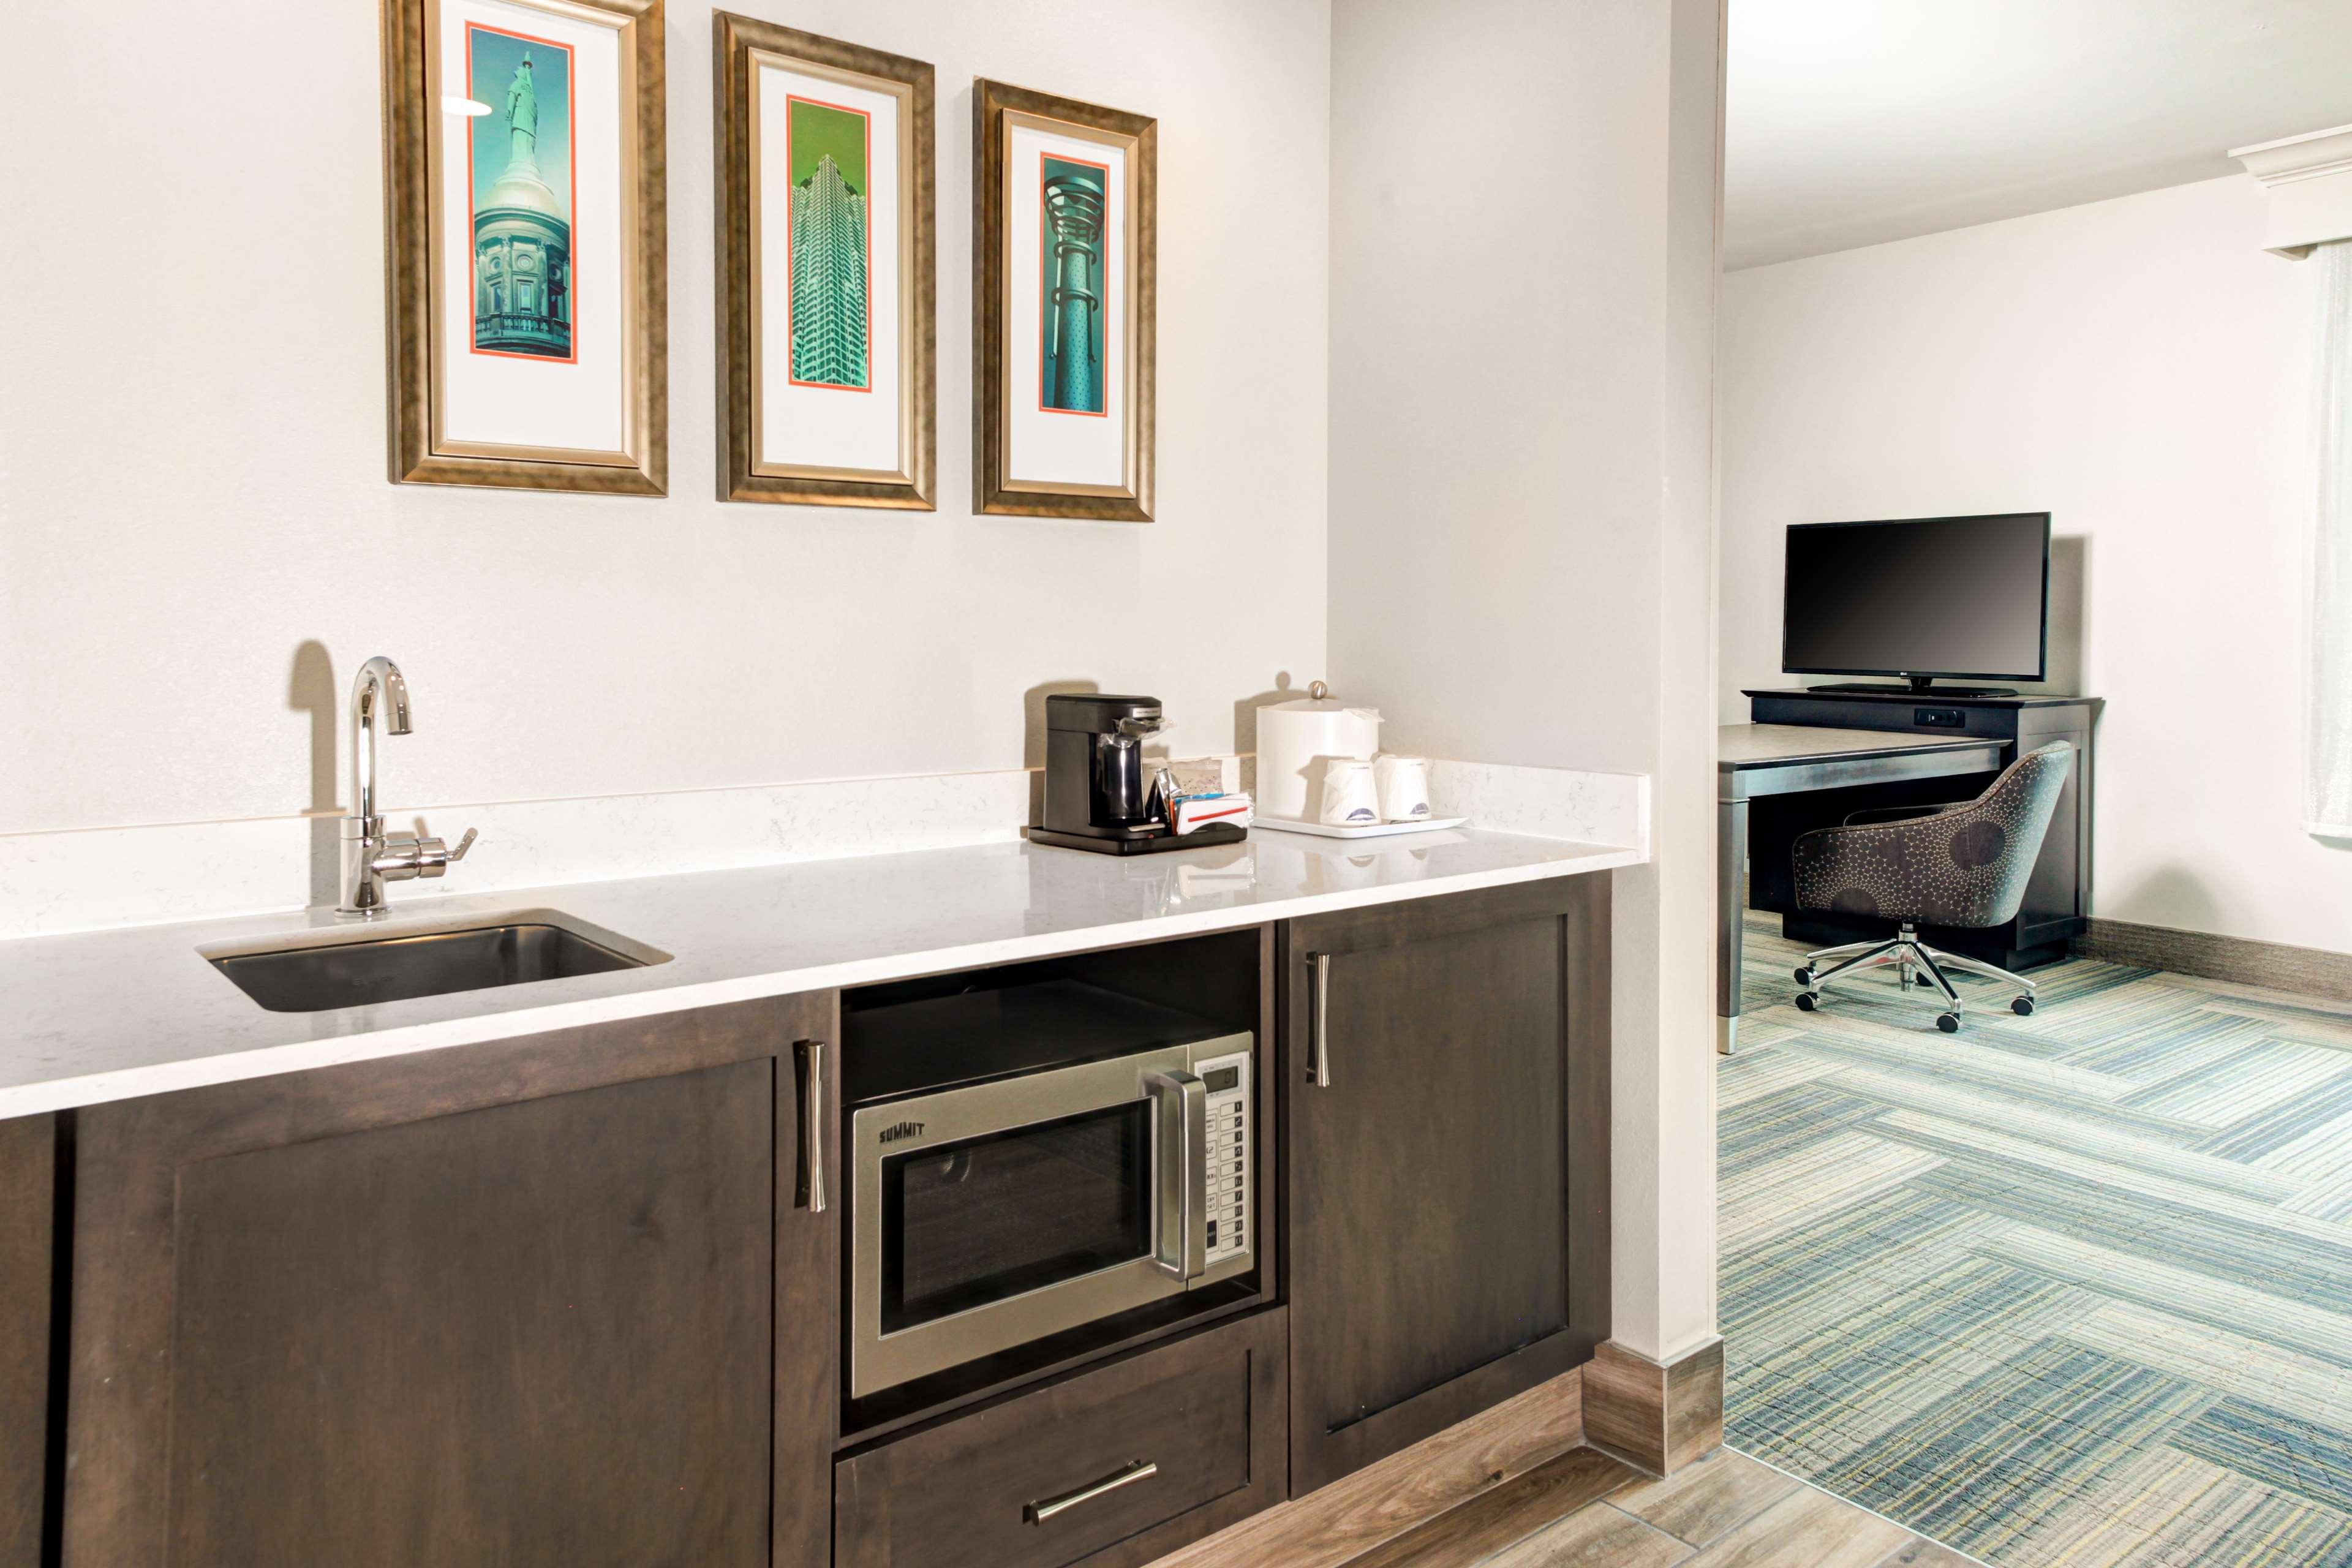 Hampton Inn & Suites by Hilton Atlanta Perimeter Dunwoody image 16